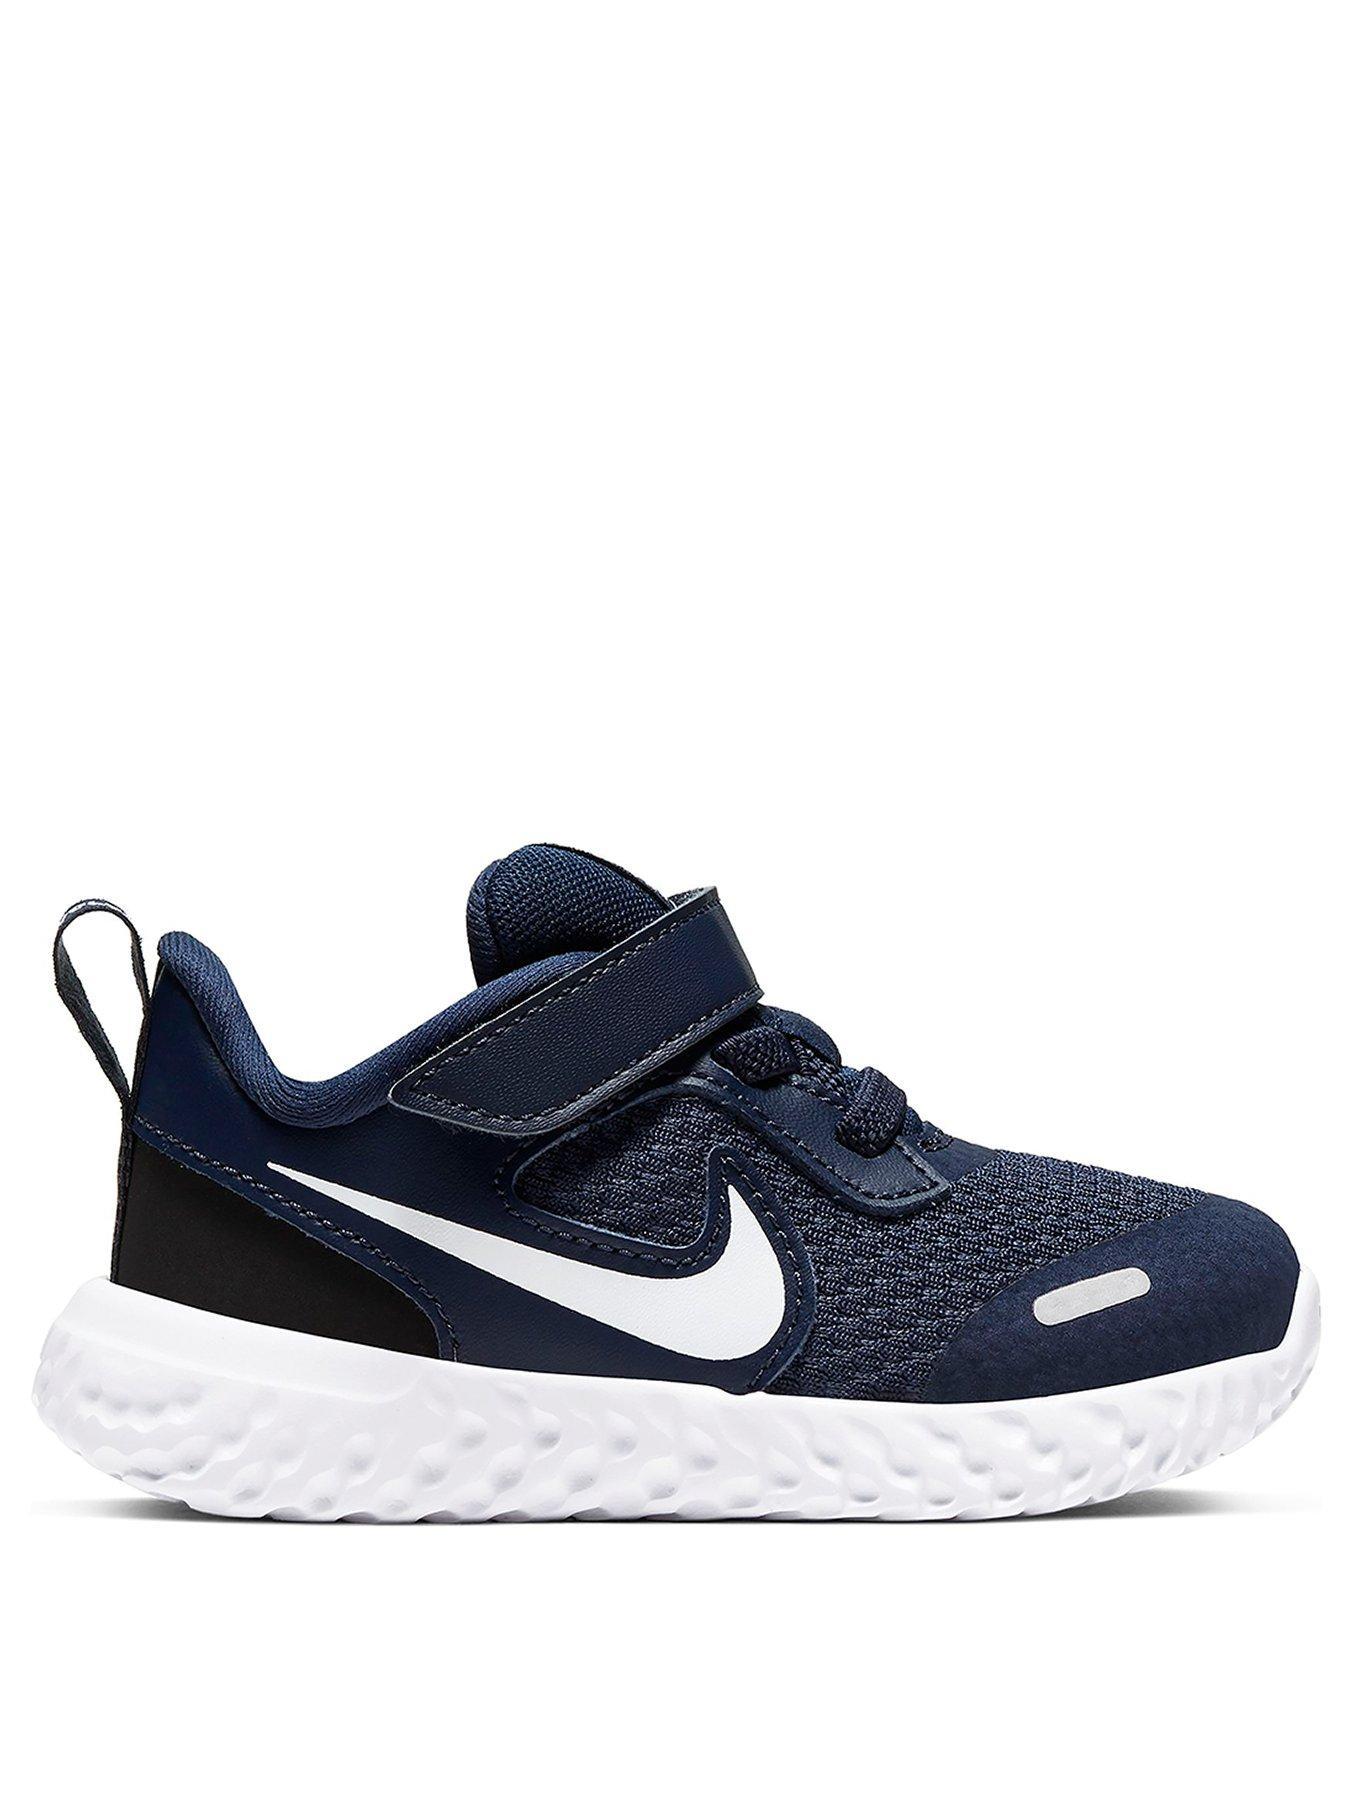 7.5 | Nike | Infant footwear (sizes 0-9